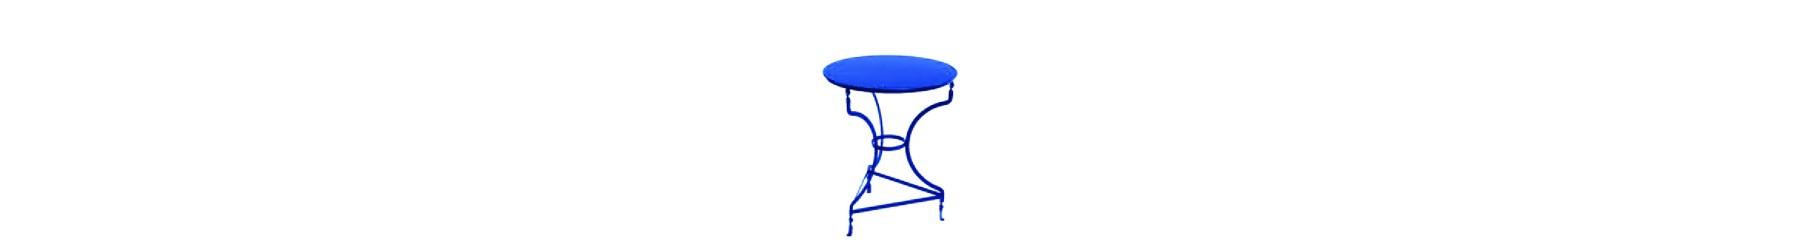 Τραπέζια μεταλλικά τύπου Ζαππείου